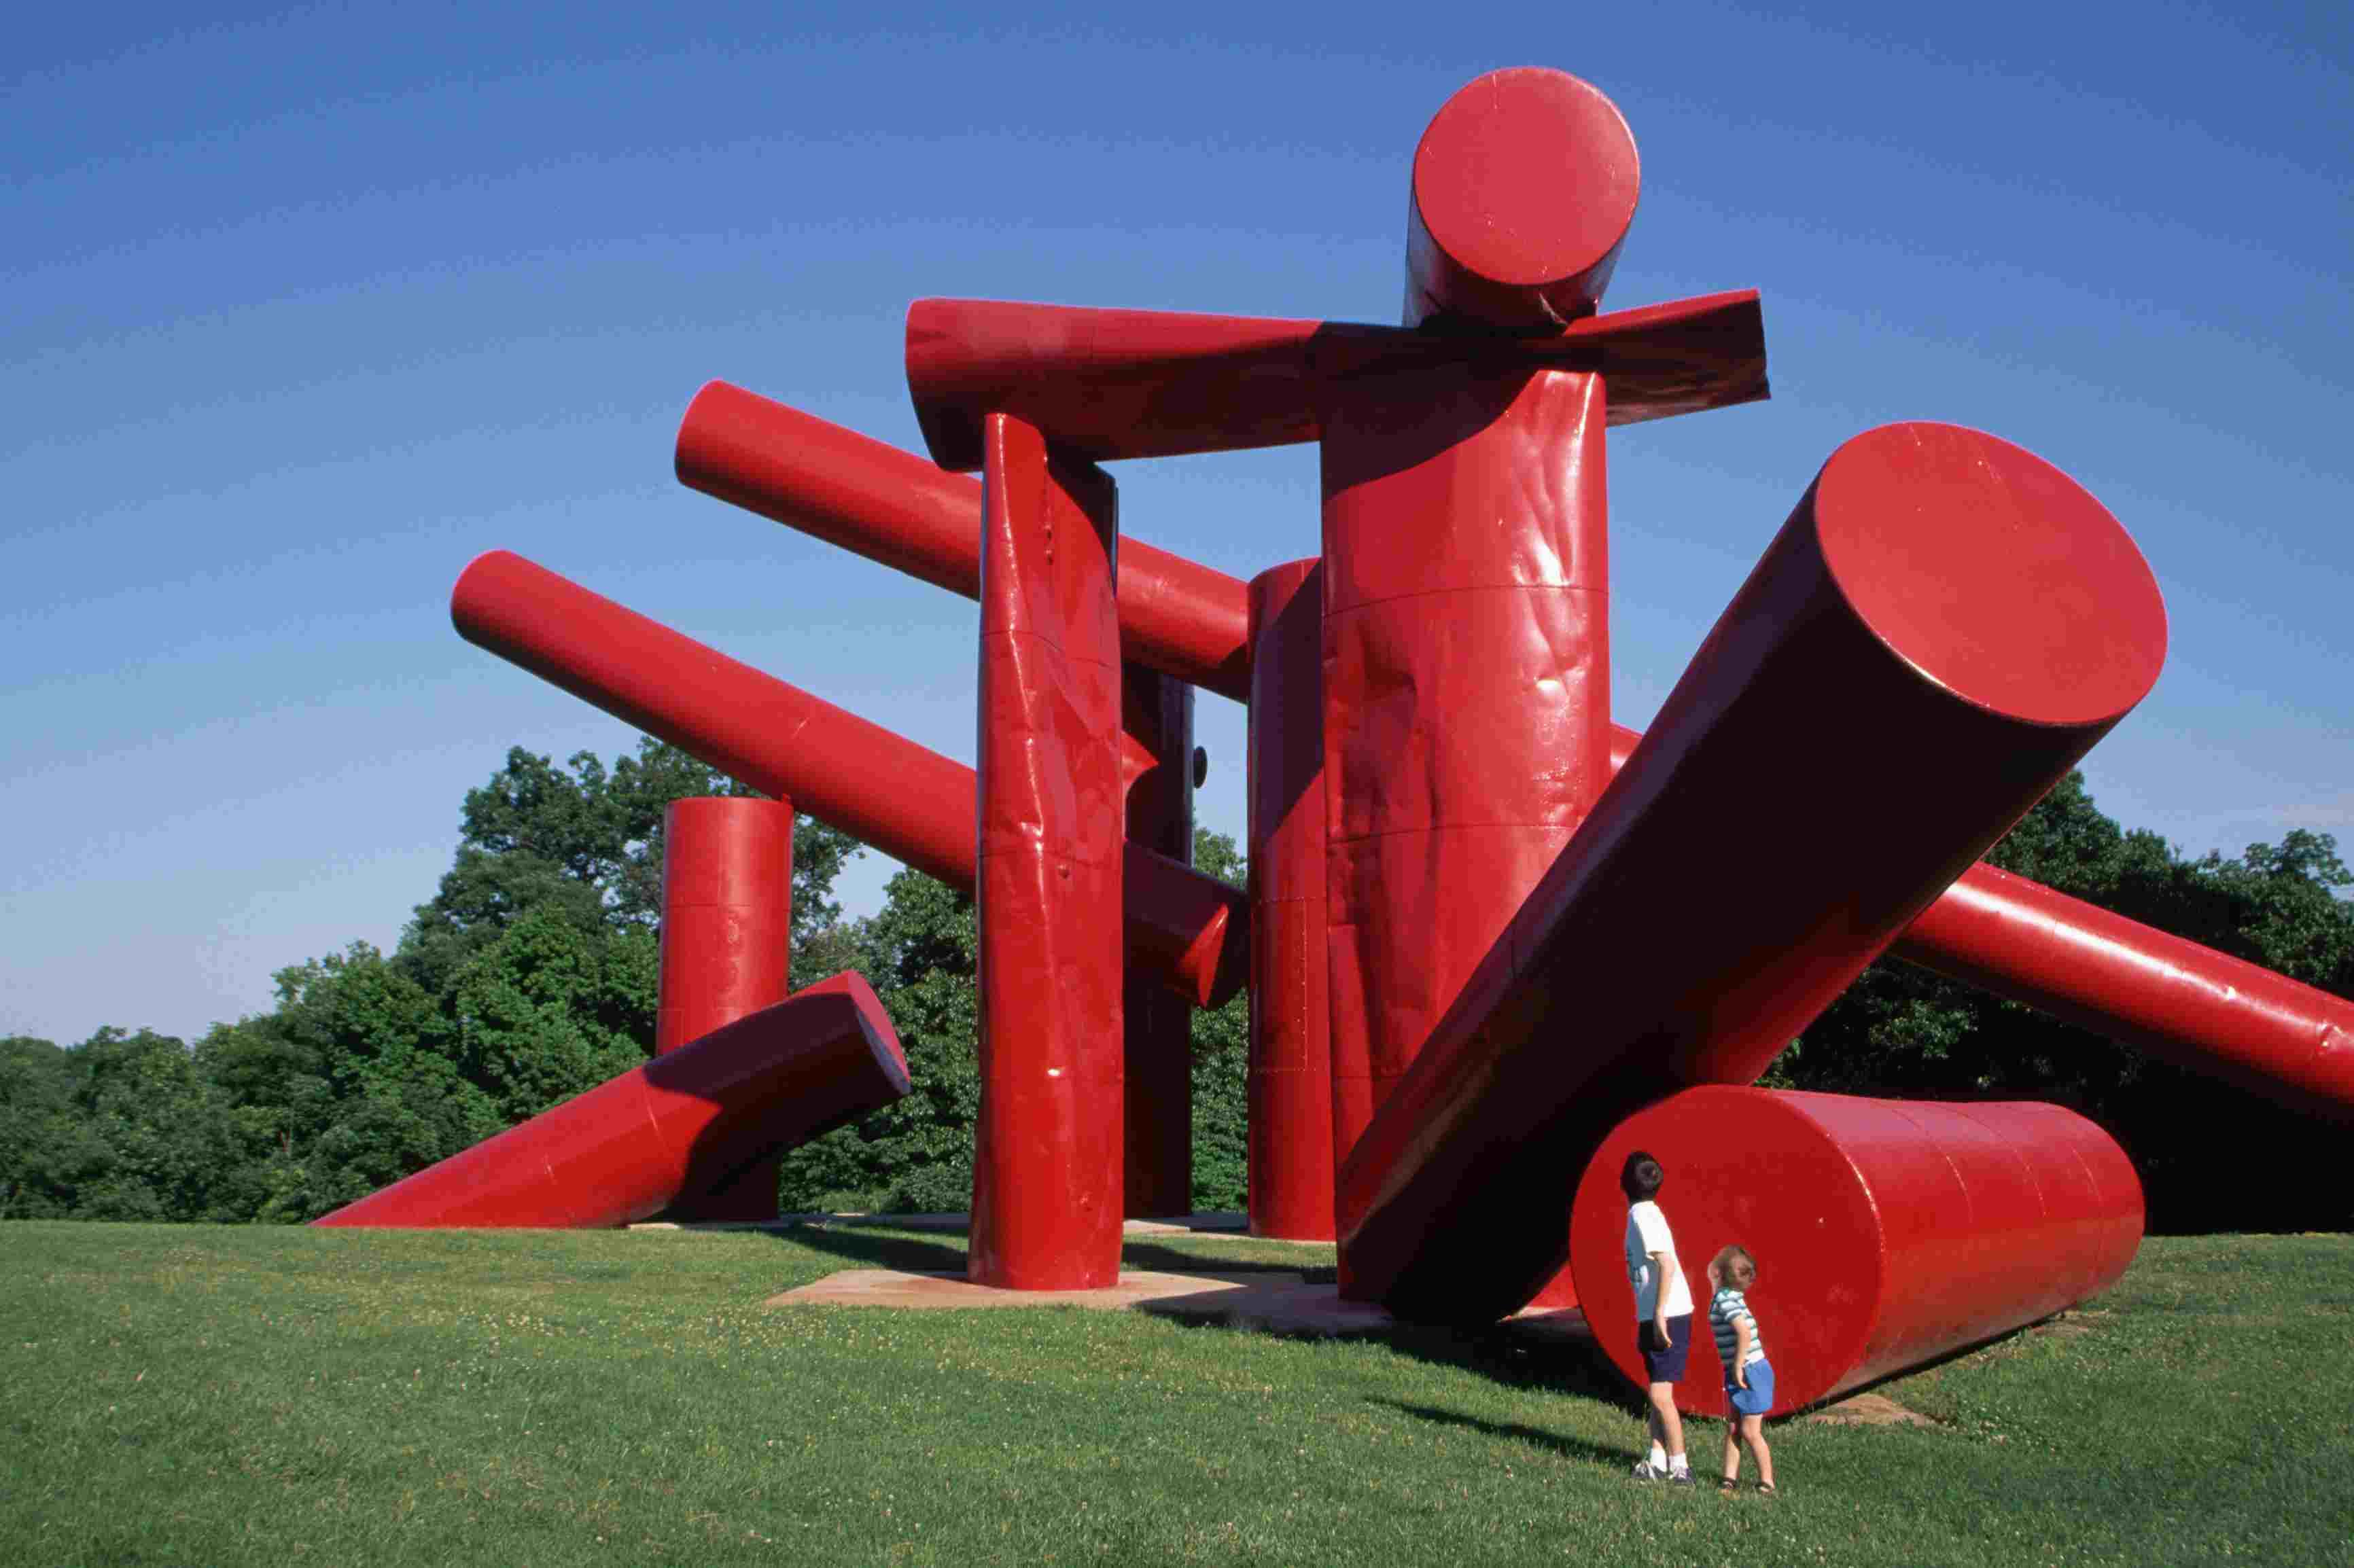 Red sculpture at Laumeier Sculpture Park